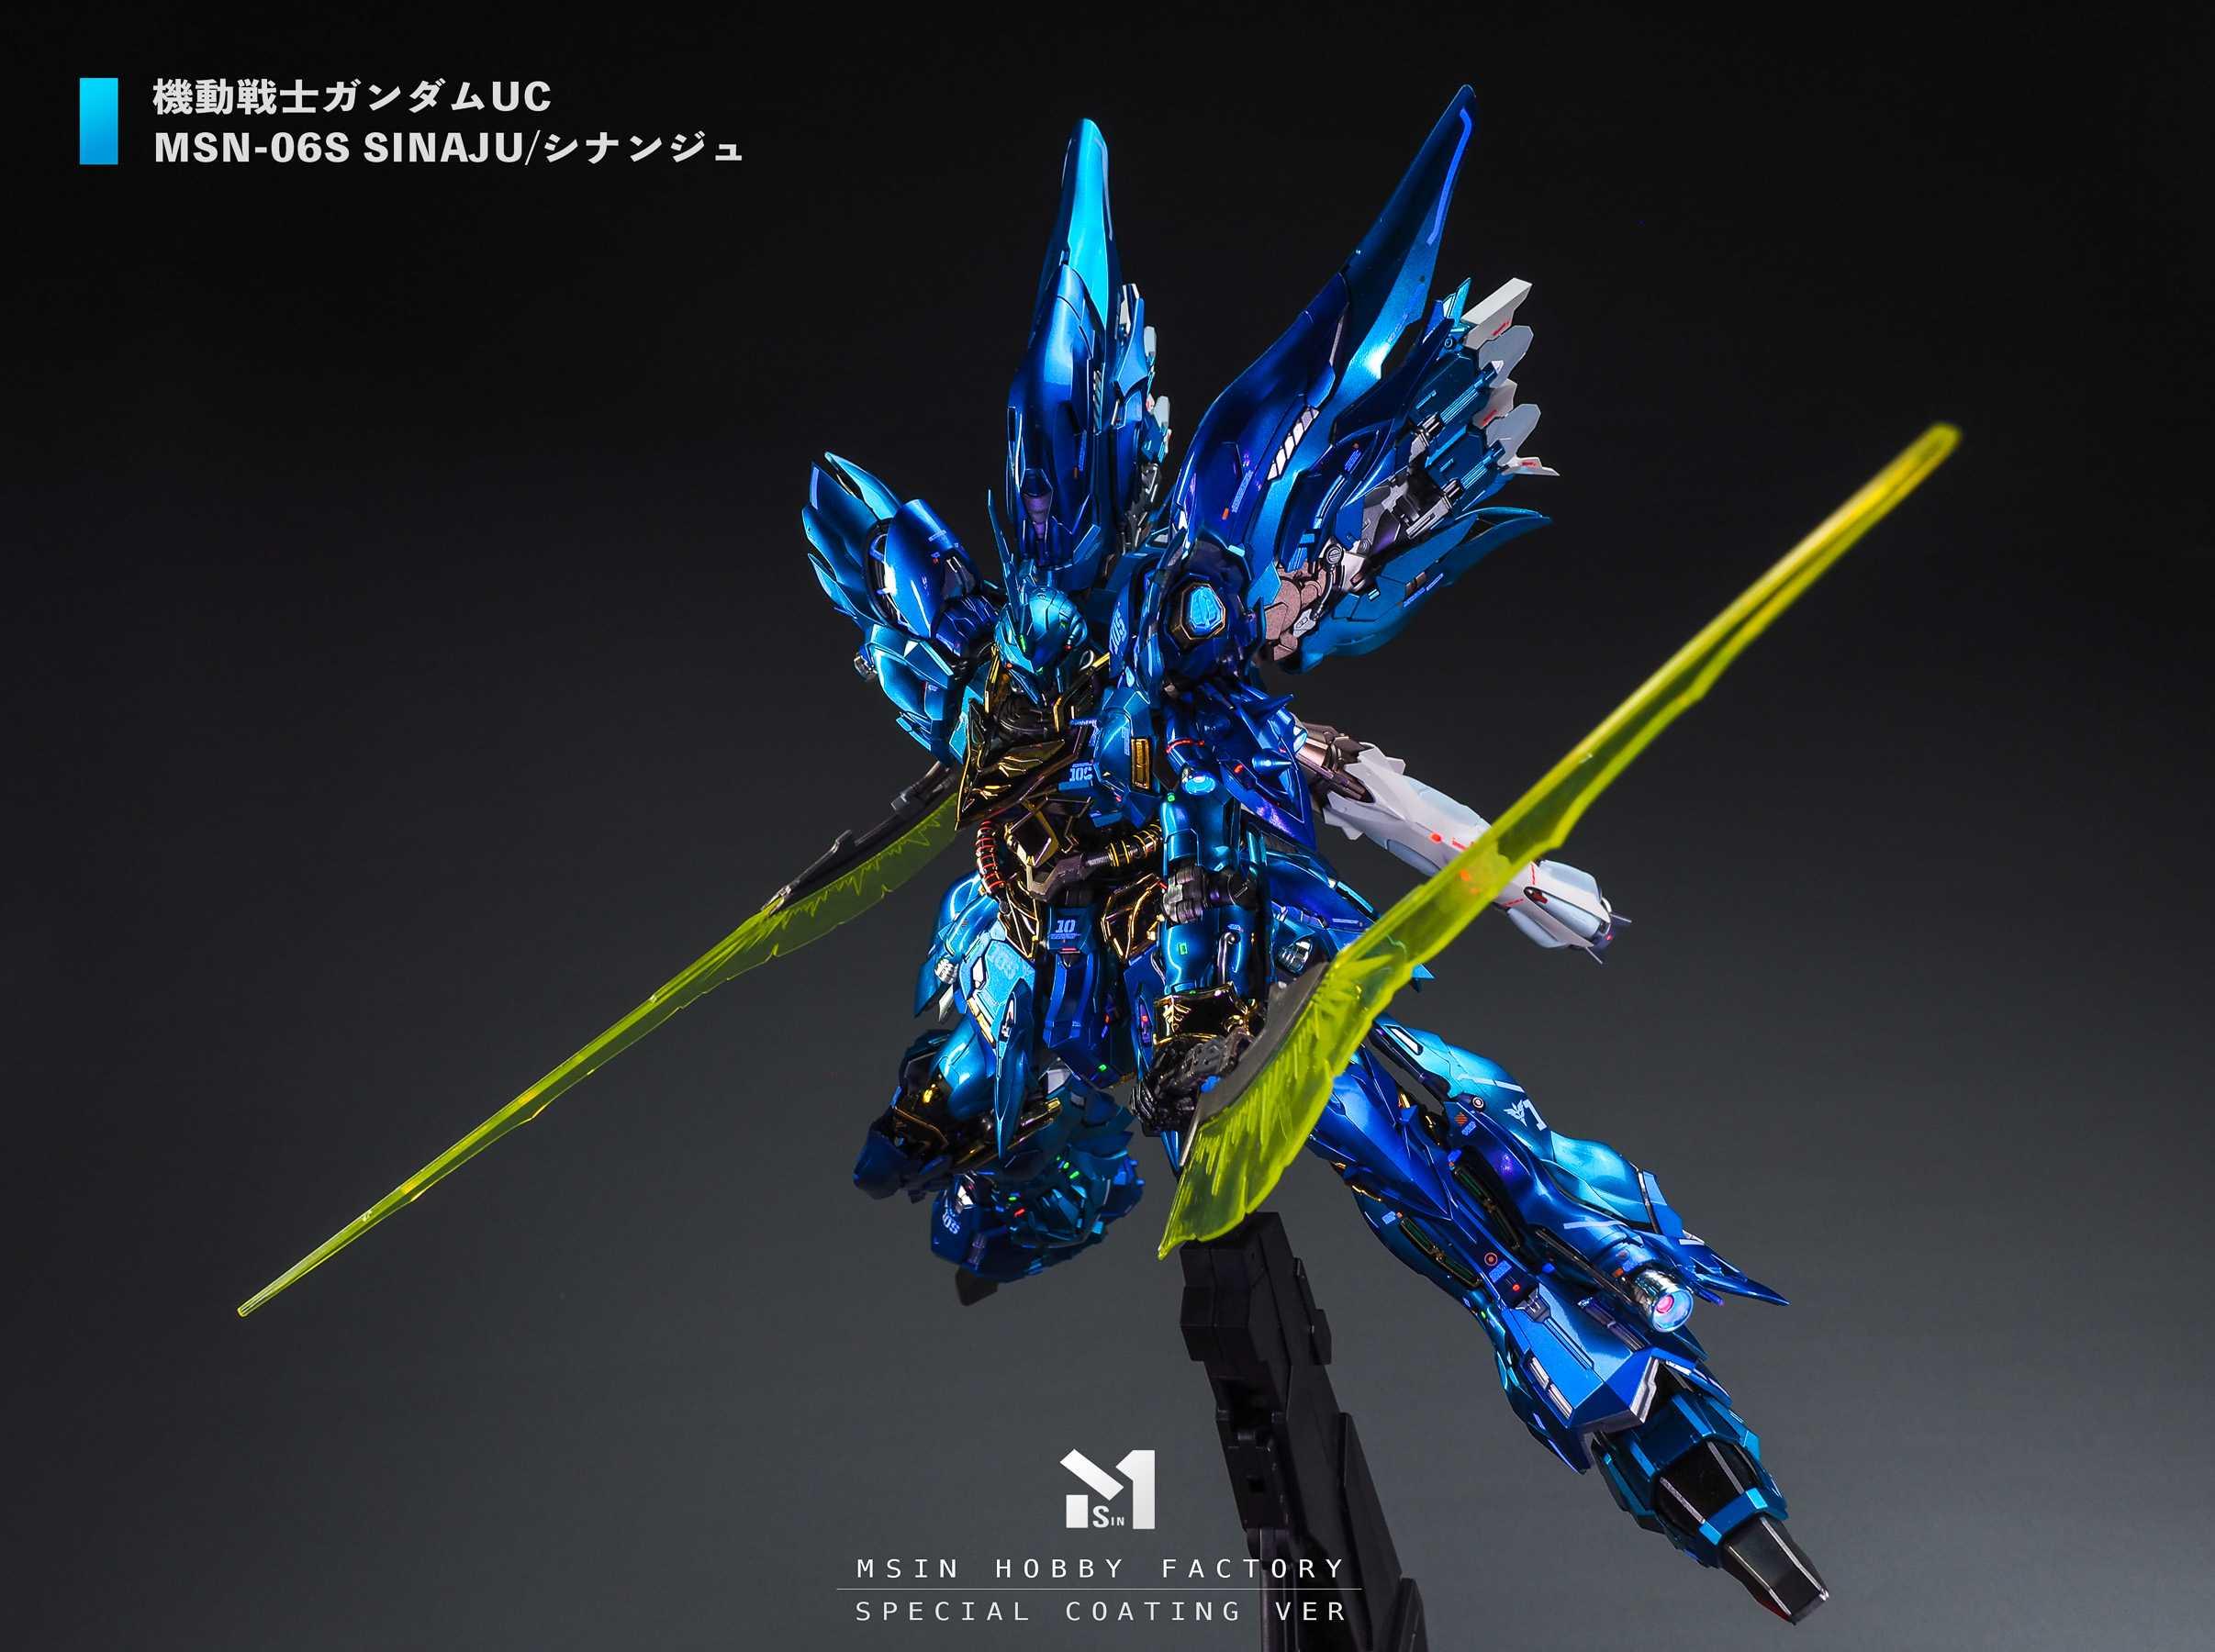 S437_4_sinanju_takumi_blue_004.jpg